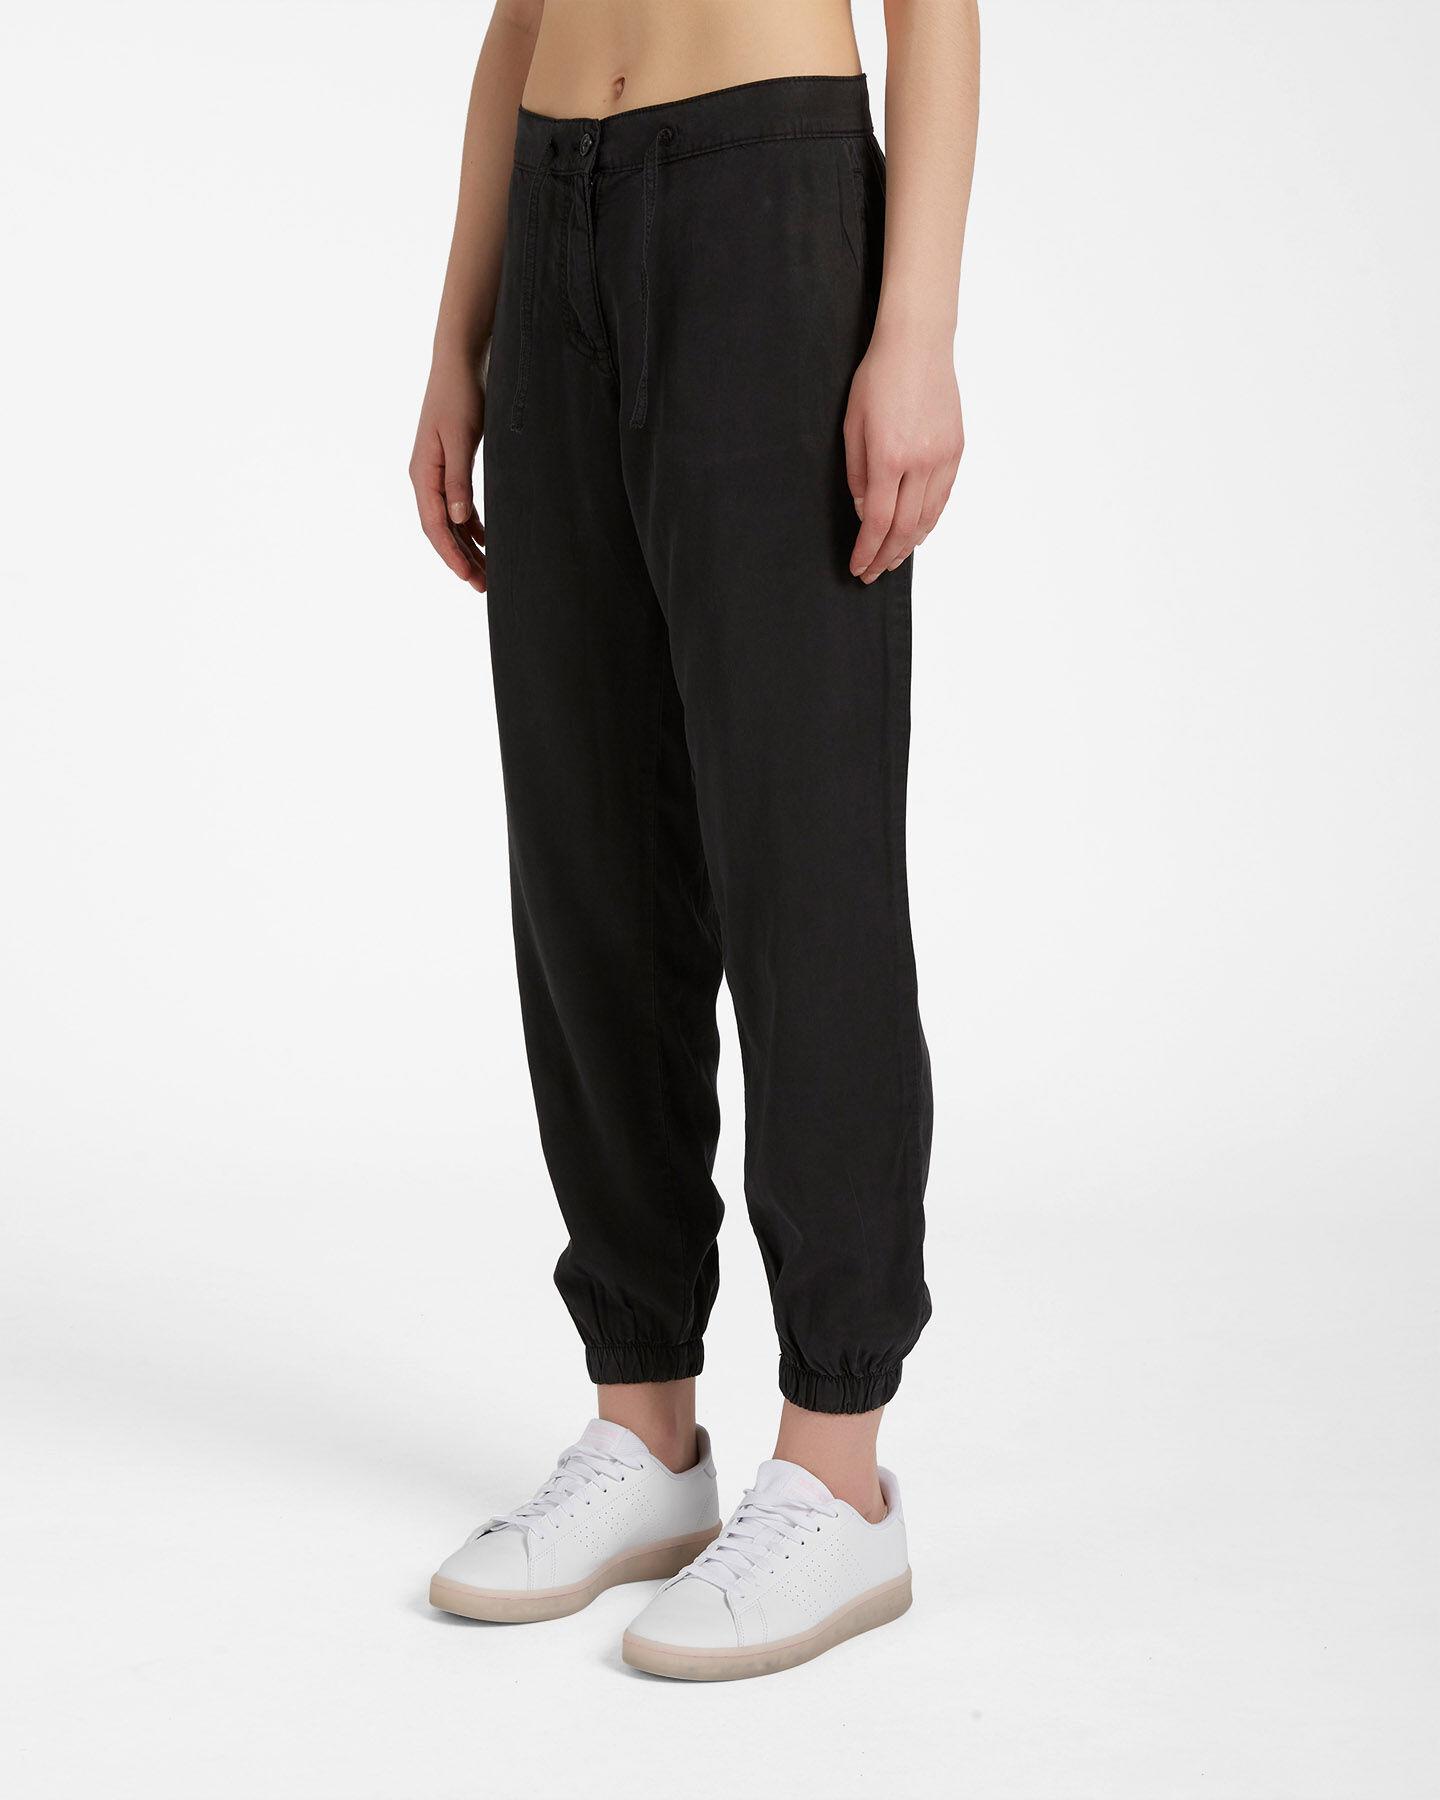 Pantalone DACK'S CUFF TENCEL W S4086726 scatto 2